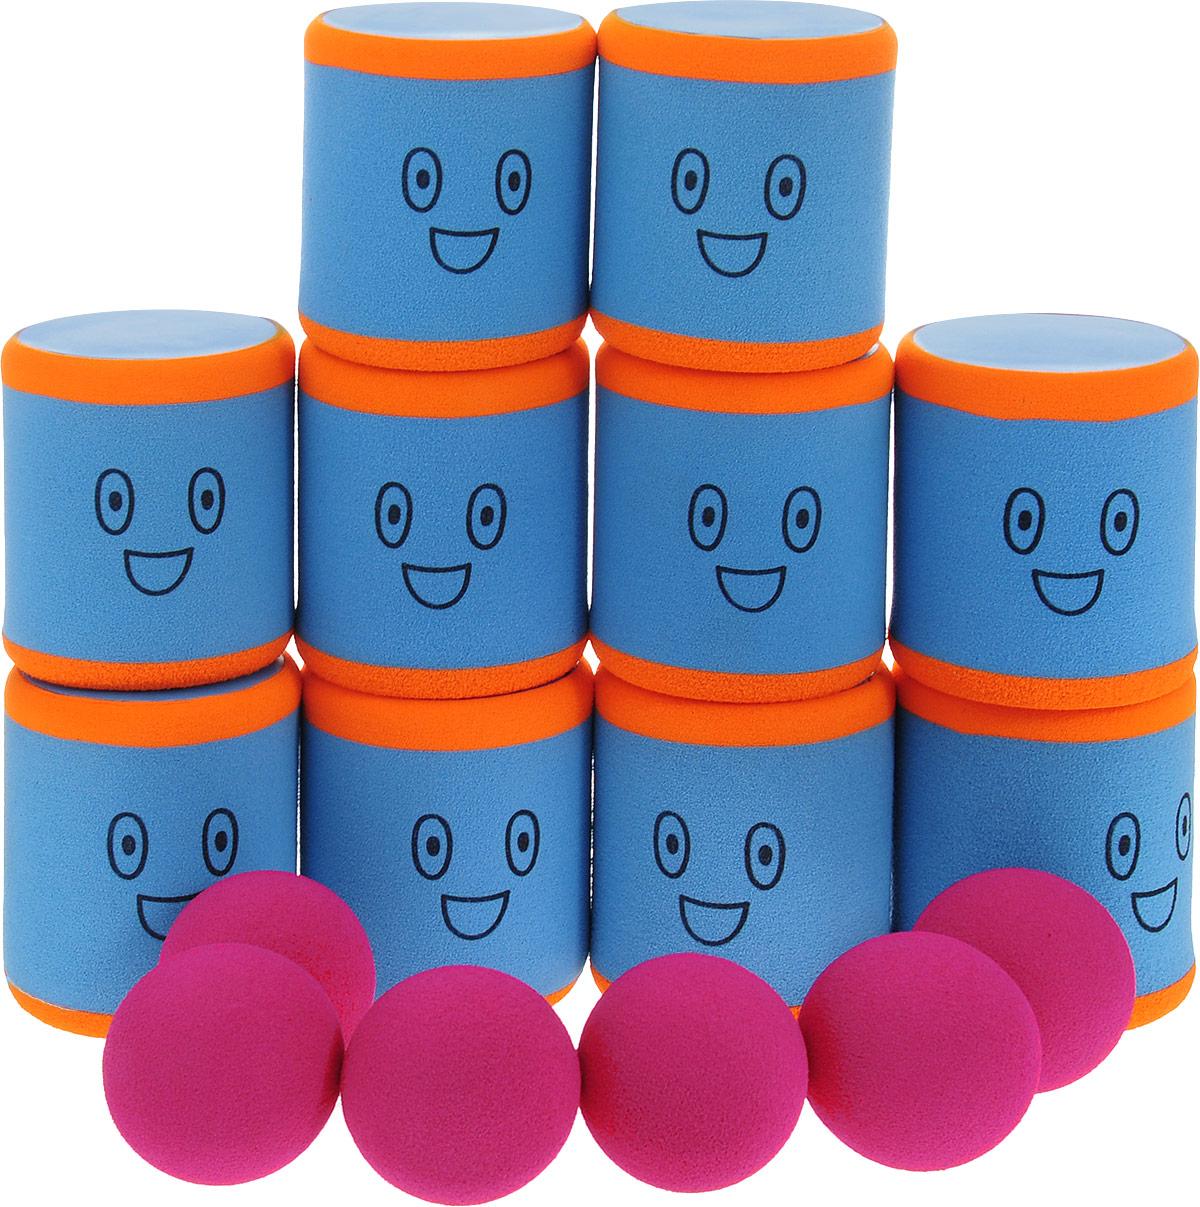 Safsof Игровой набор Городки цвет голубой оранжевый малиновый AT-01N(B)_голубой, оранжевый, малиновый